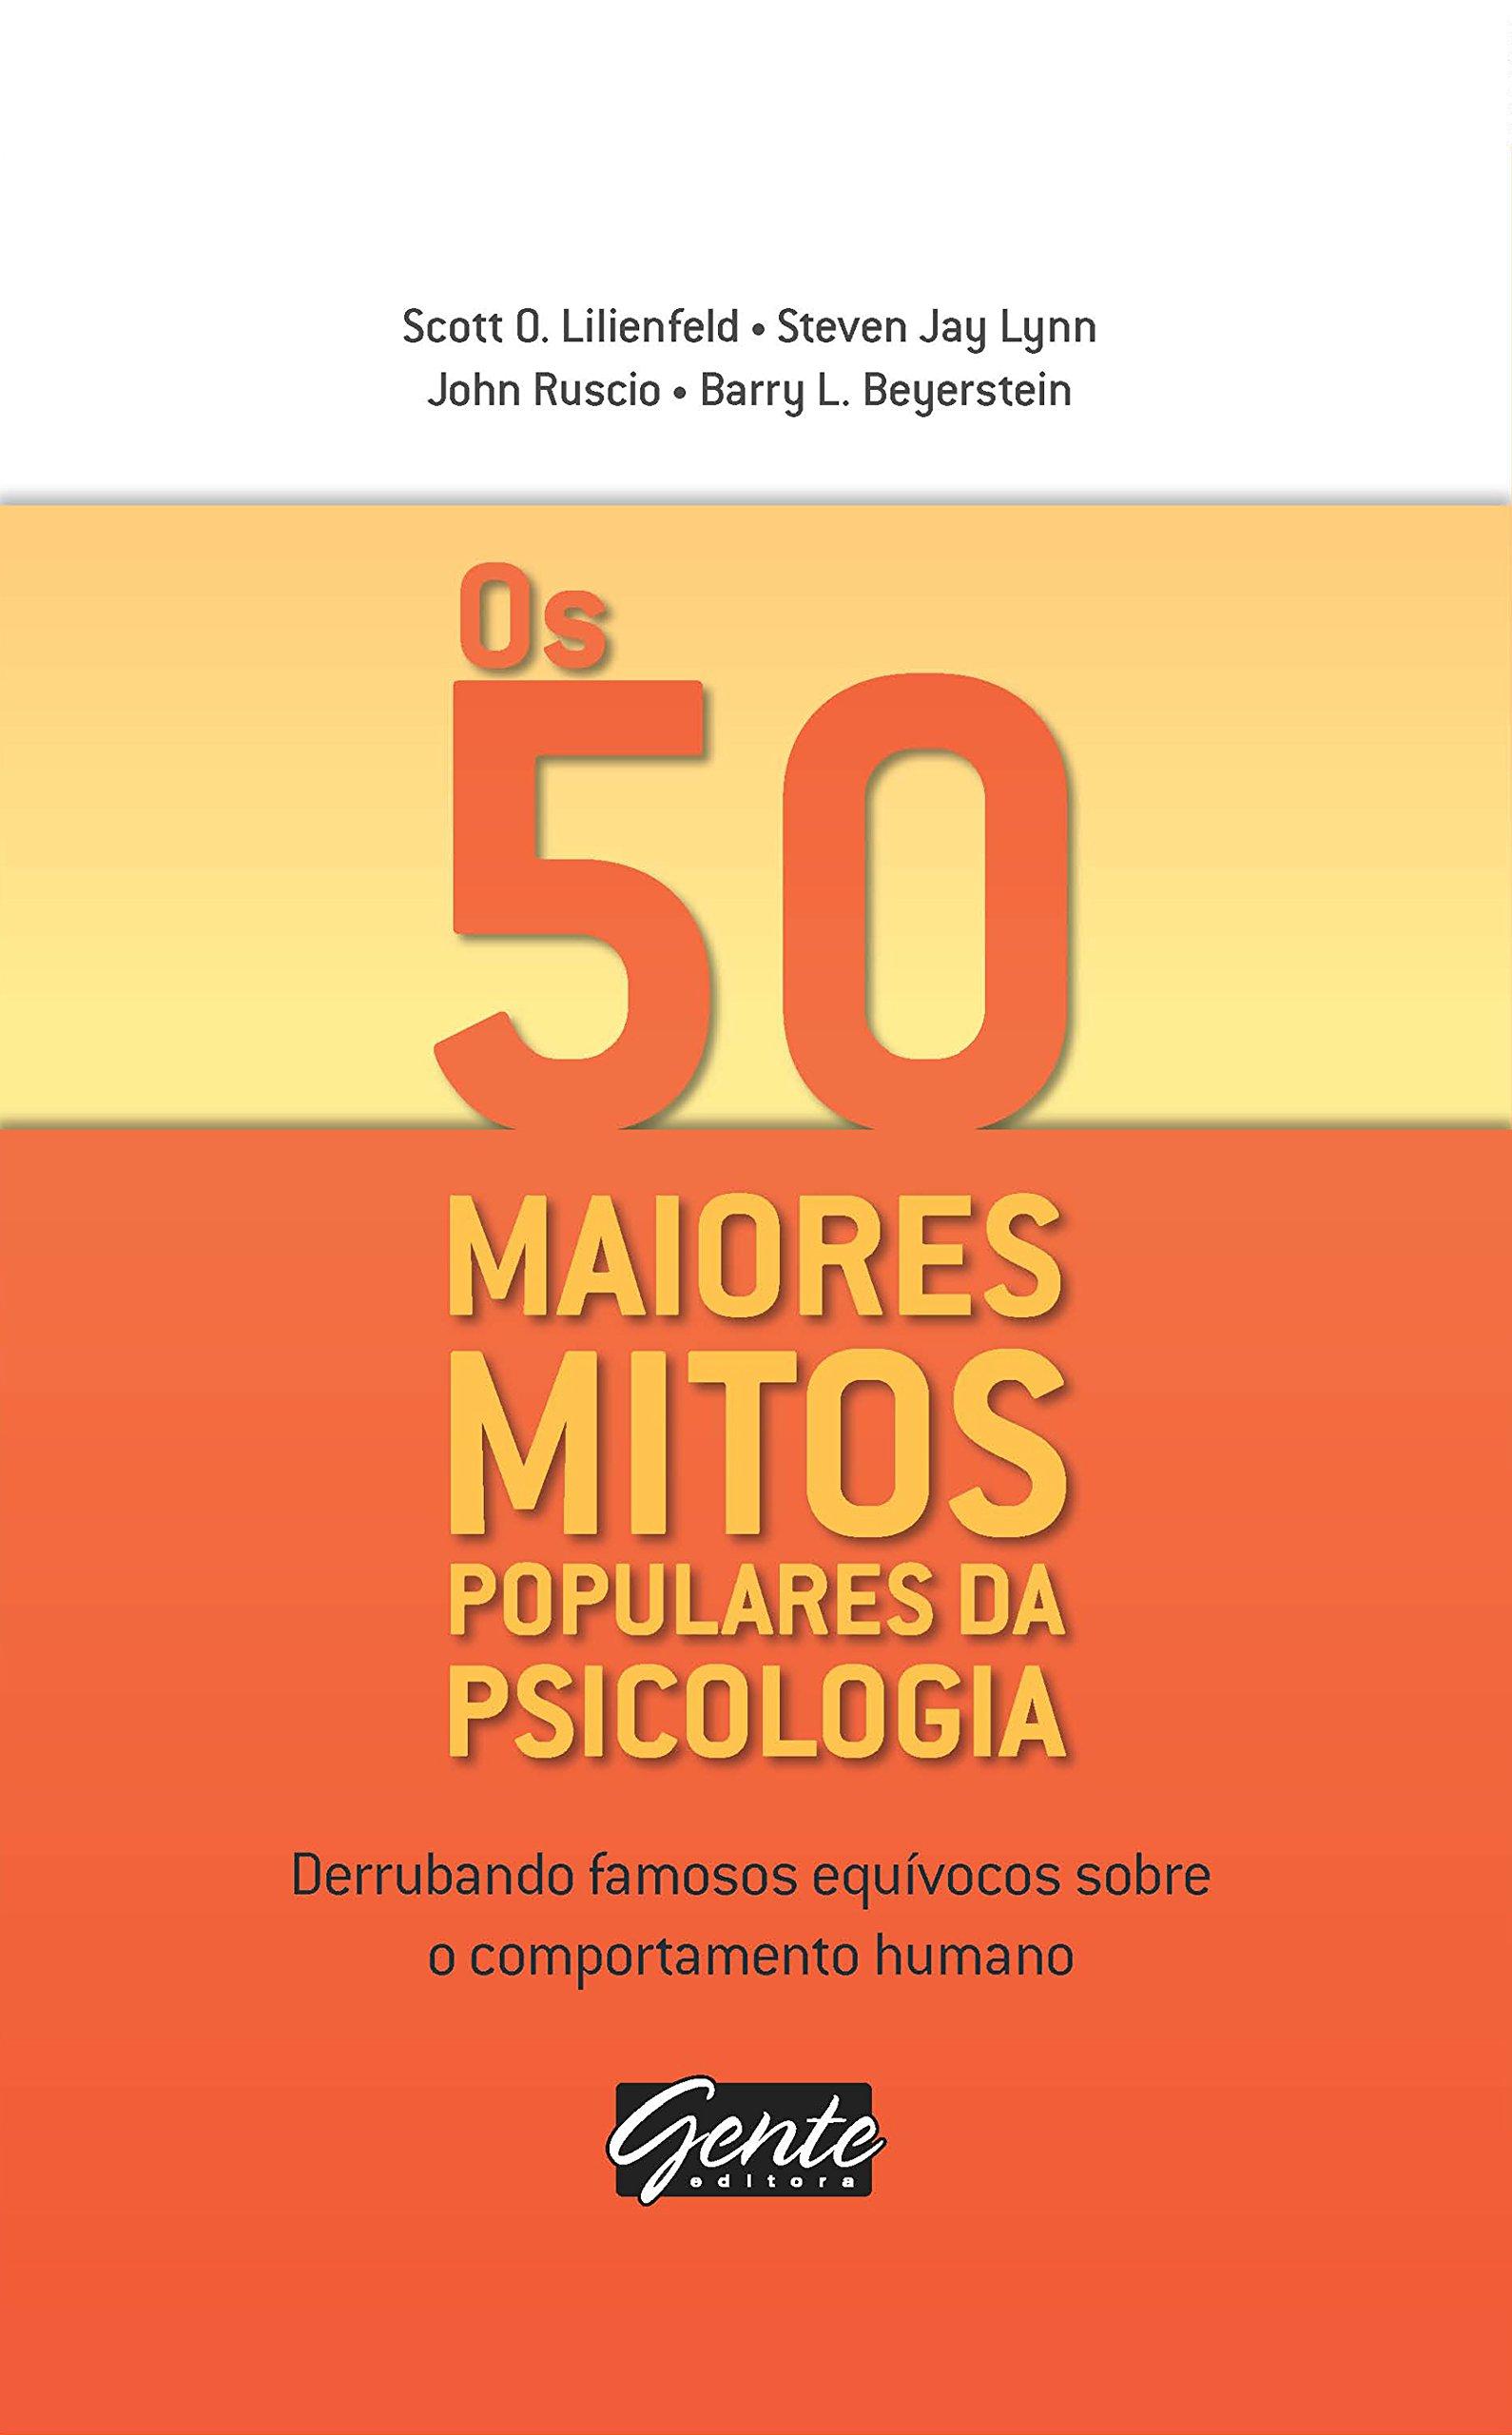 Os 50 Maiores Mitos Populares Da Psicologia (Em Portuguese do Brasil): Scott O. Lilienfeld: 9788573127065: Amazon.com: Books